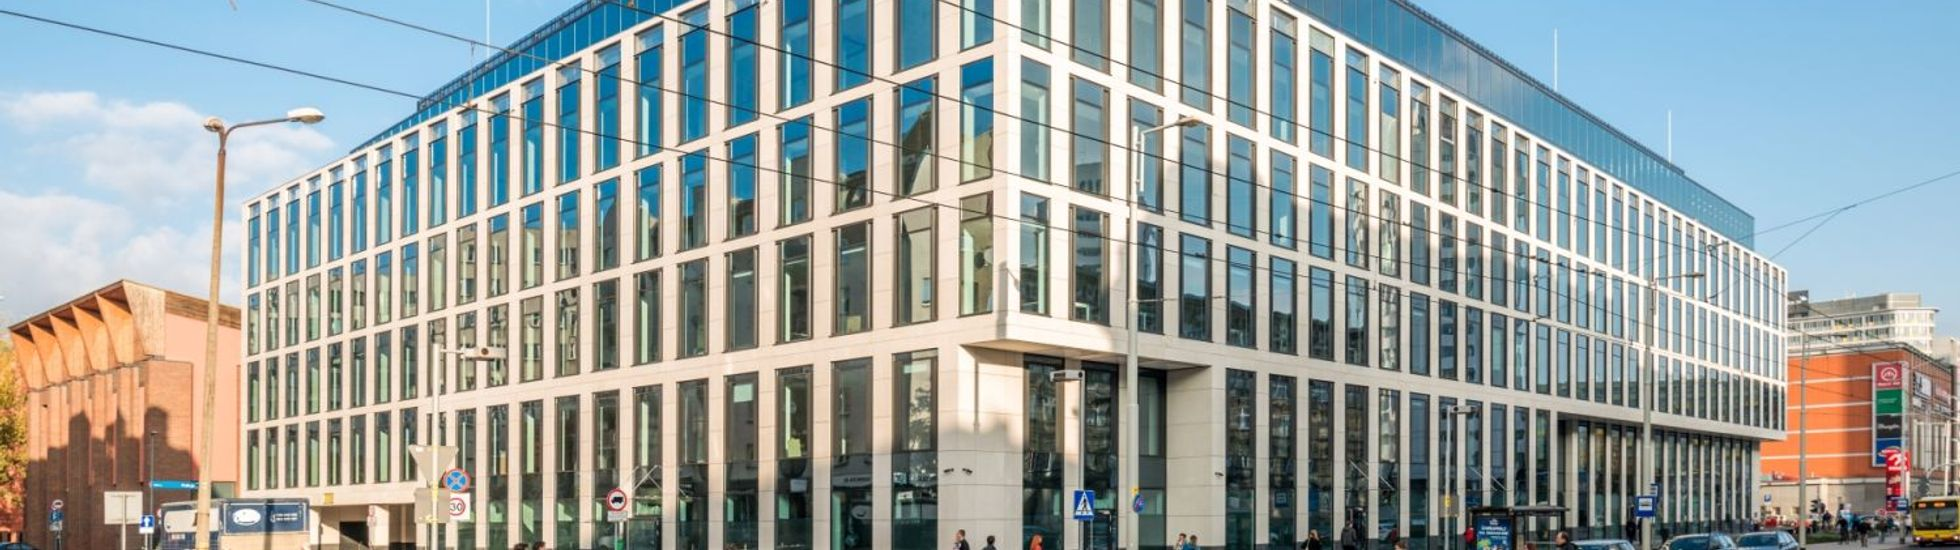 Międzynarodowy koncern medyczny Smith&Nephew otworzył Centrum Usług Wspólnych